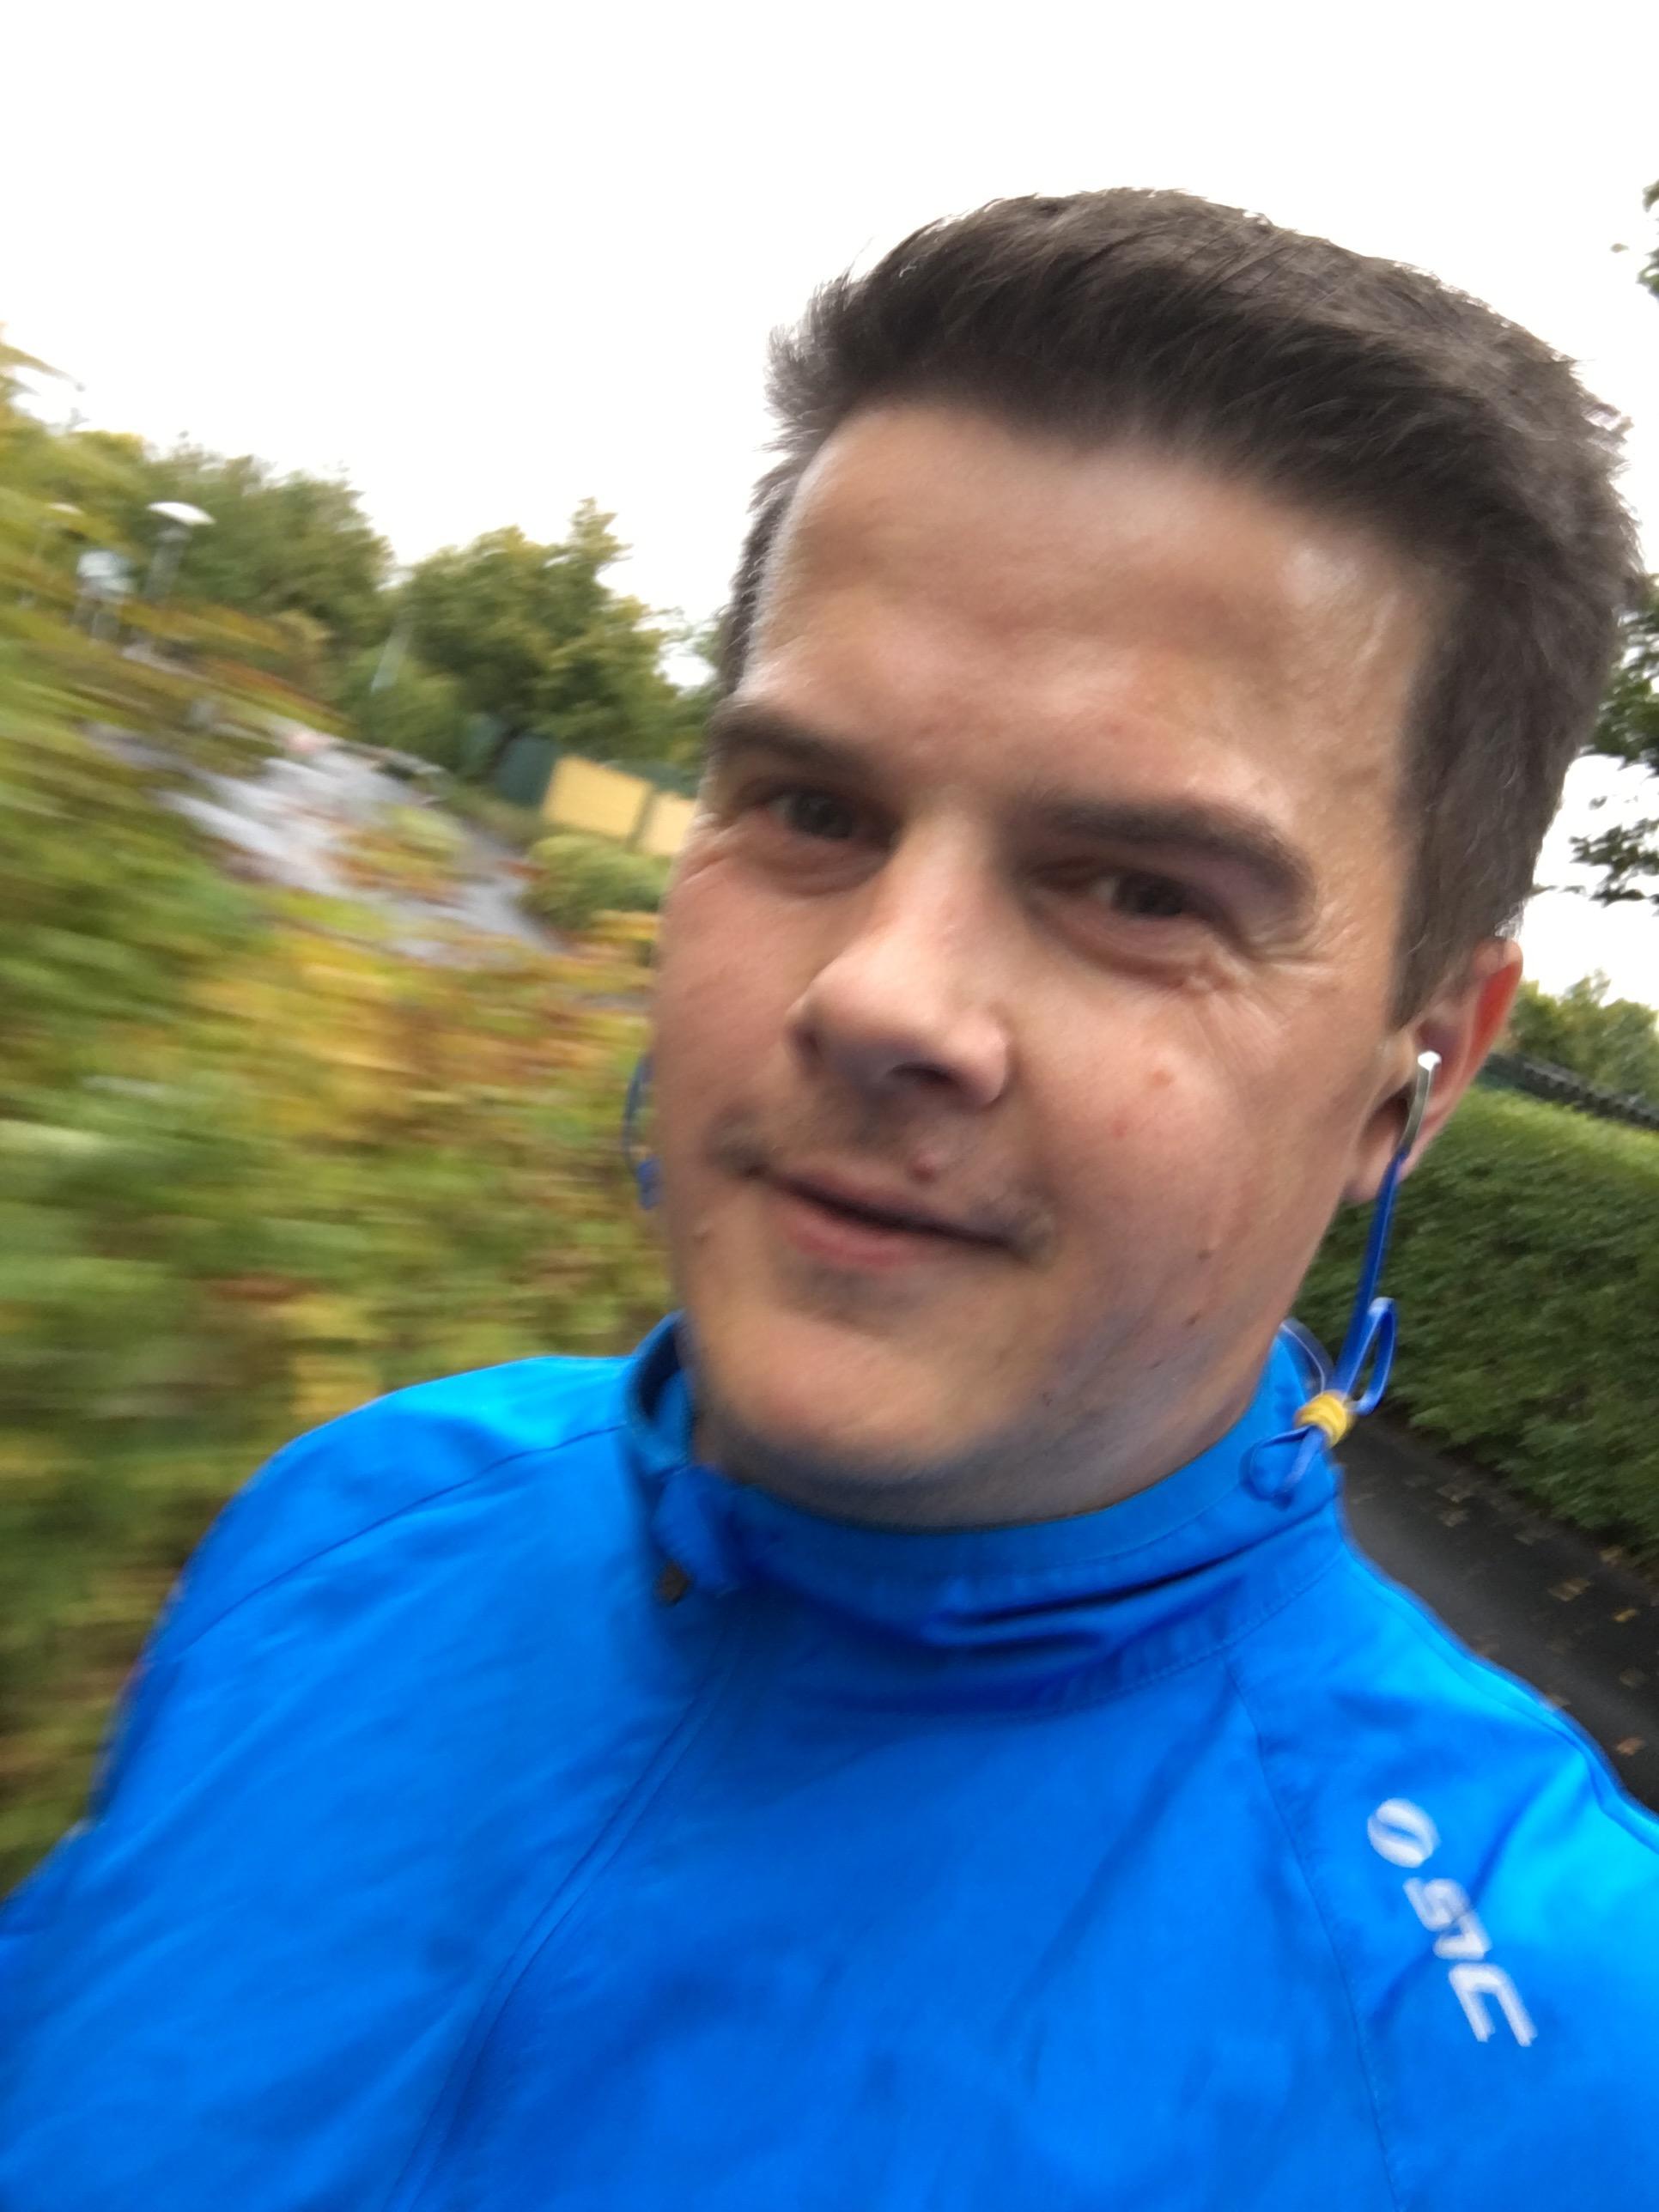 Dagens medlem... | Spring - Löpning För Alla